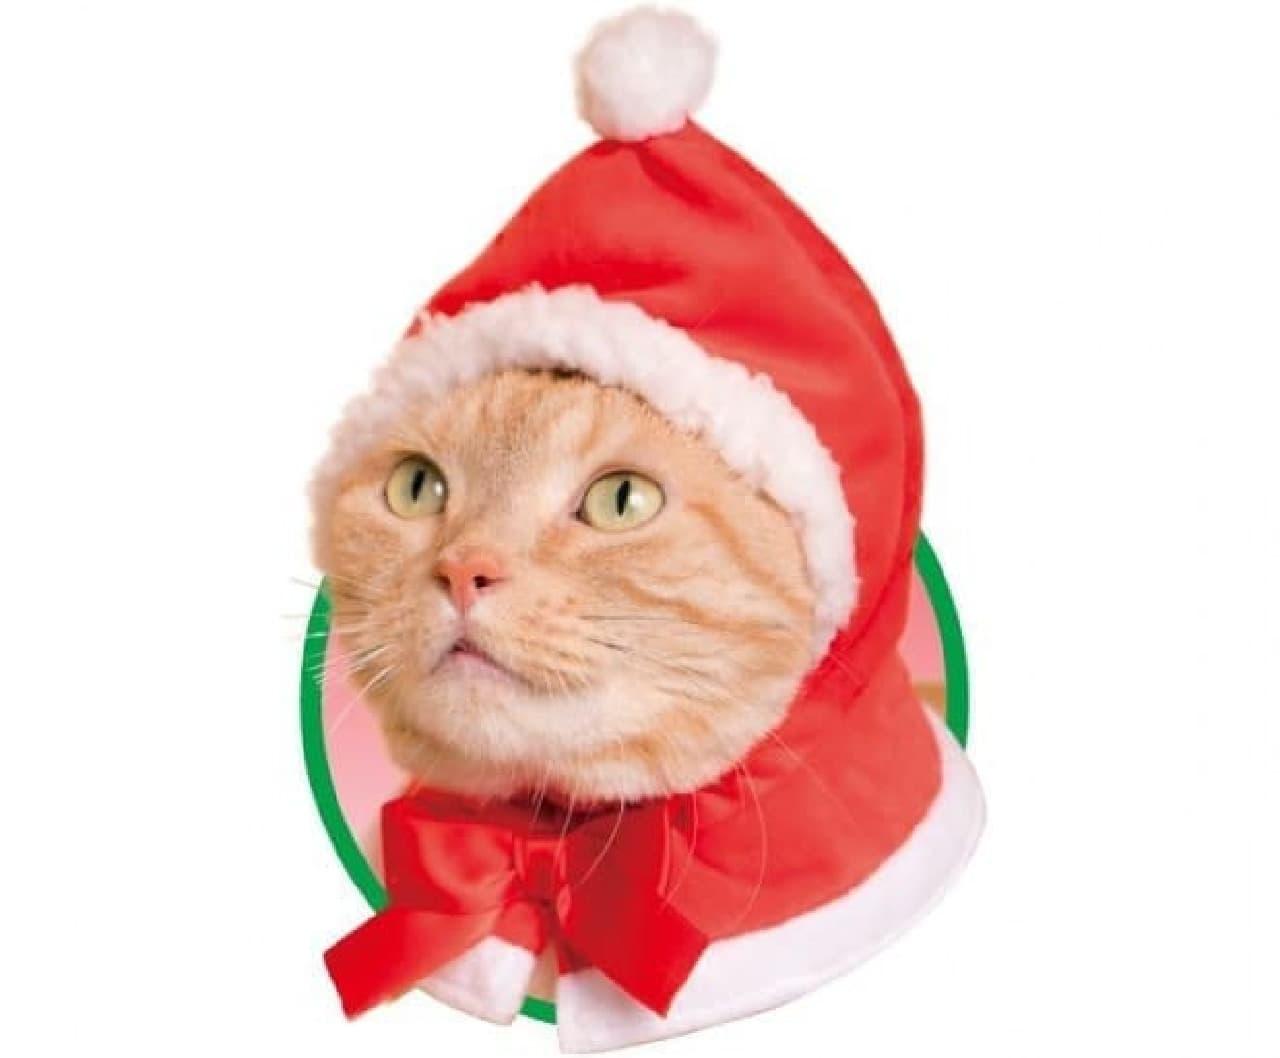 カプセルトイ「ねこのかぶりものシリーズ」第13弾「ねこクリスマスちゃん」